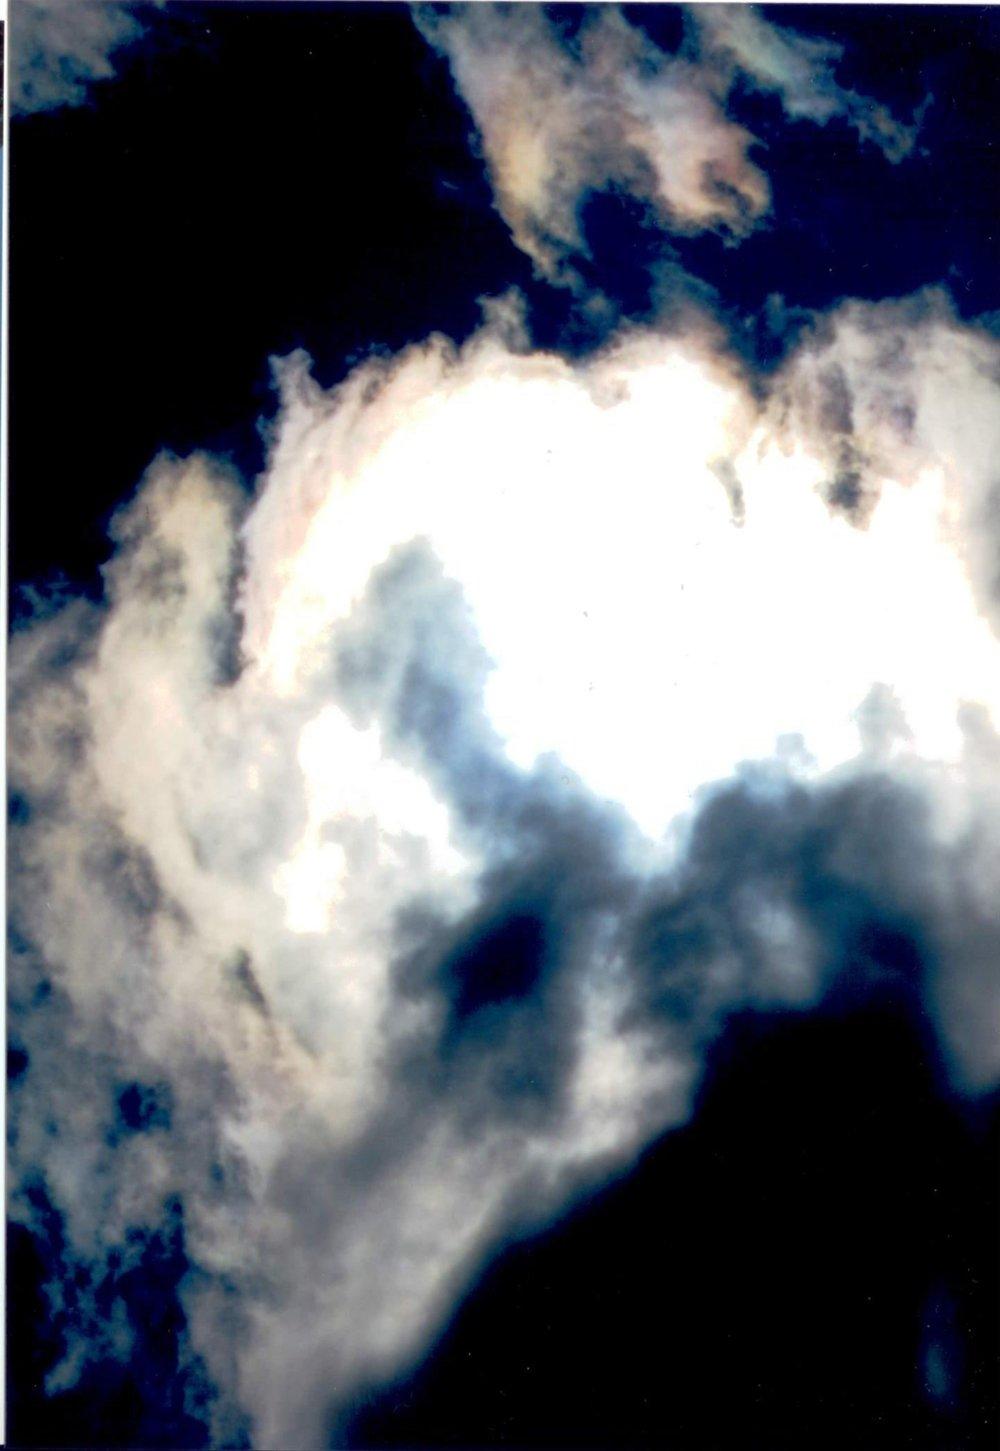 Qui in questa foto ci sono spiriti che metto il disturbo matrimonale con gelosie sataniche separano il matrimonio. Questo è il lavoro sataniche di oggi fanno perdere l'amore uno con altro e rimangono a piangere famiglie intere senza che nessuno si accorge il male da dove viene.